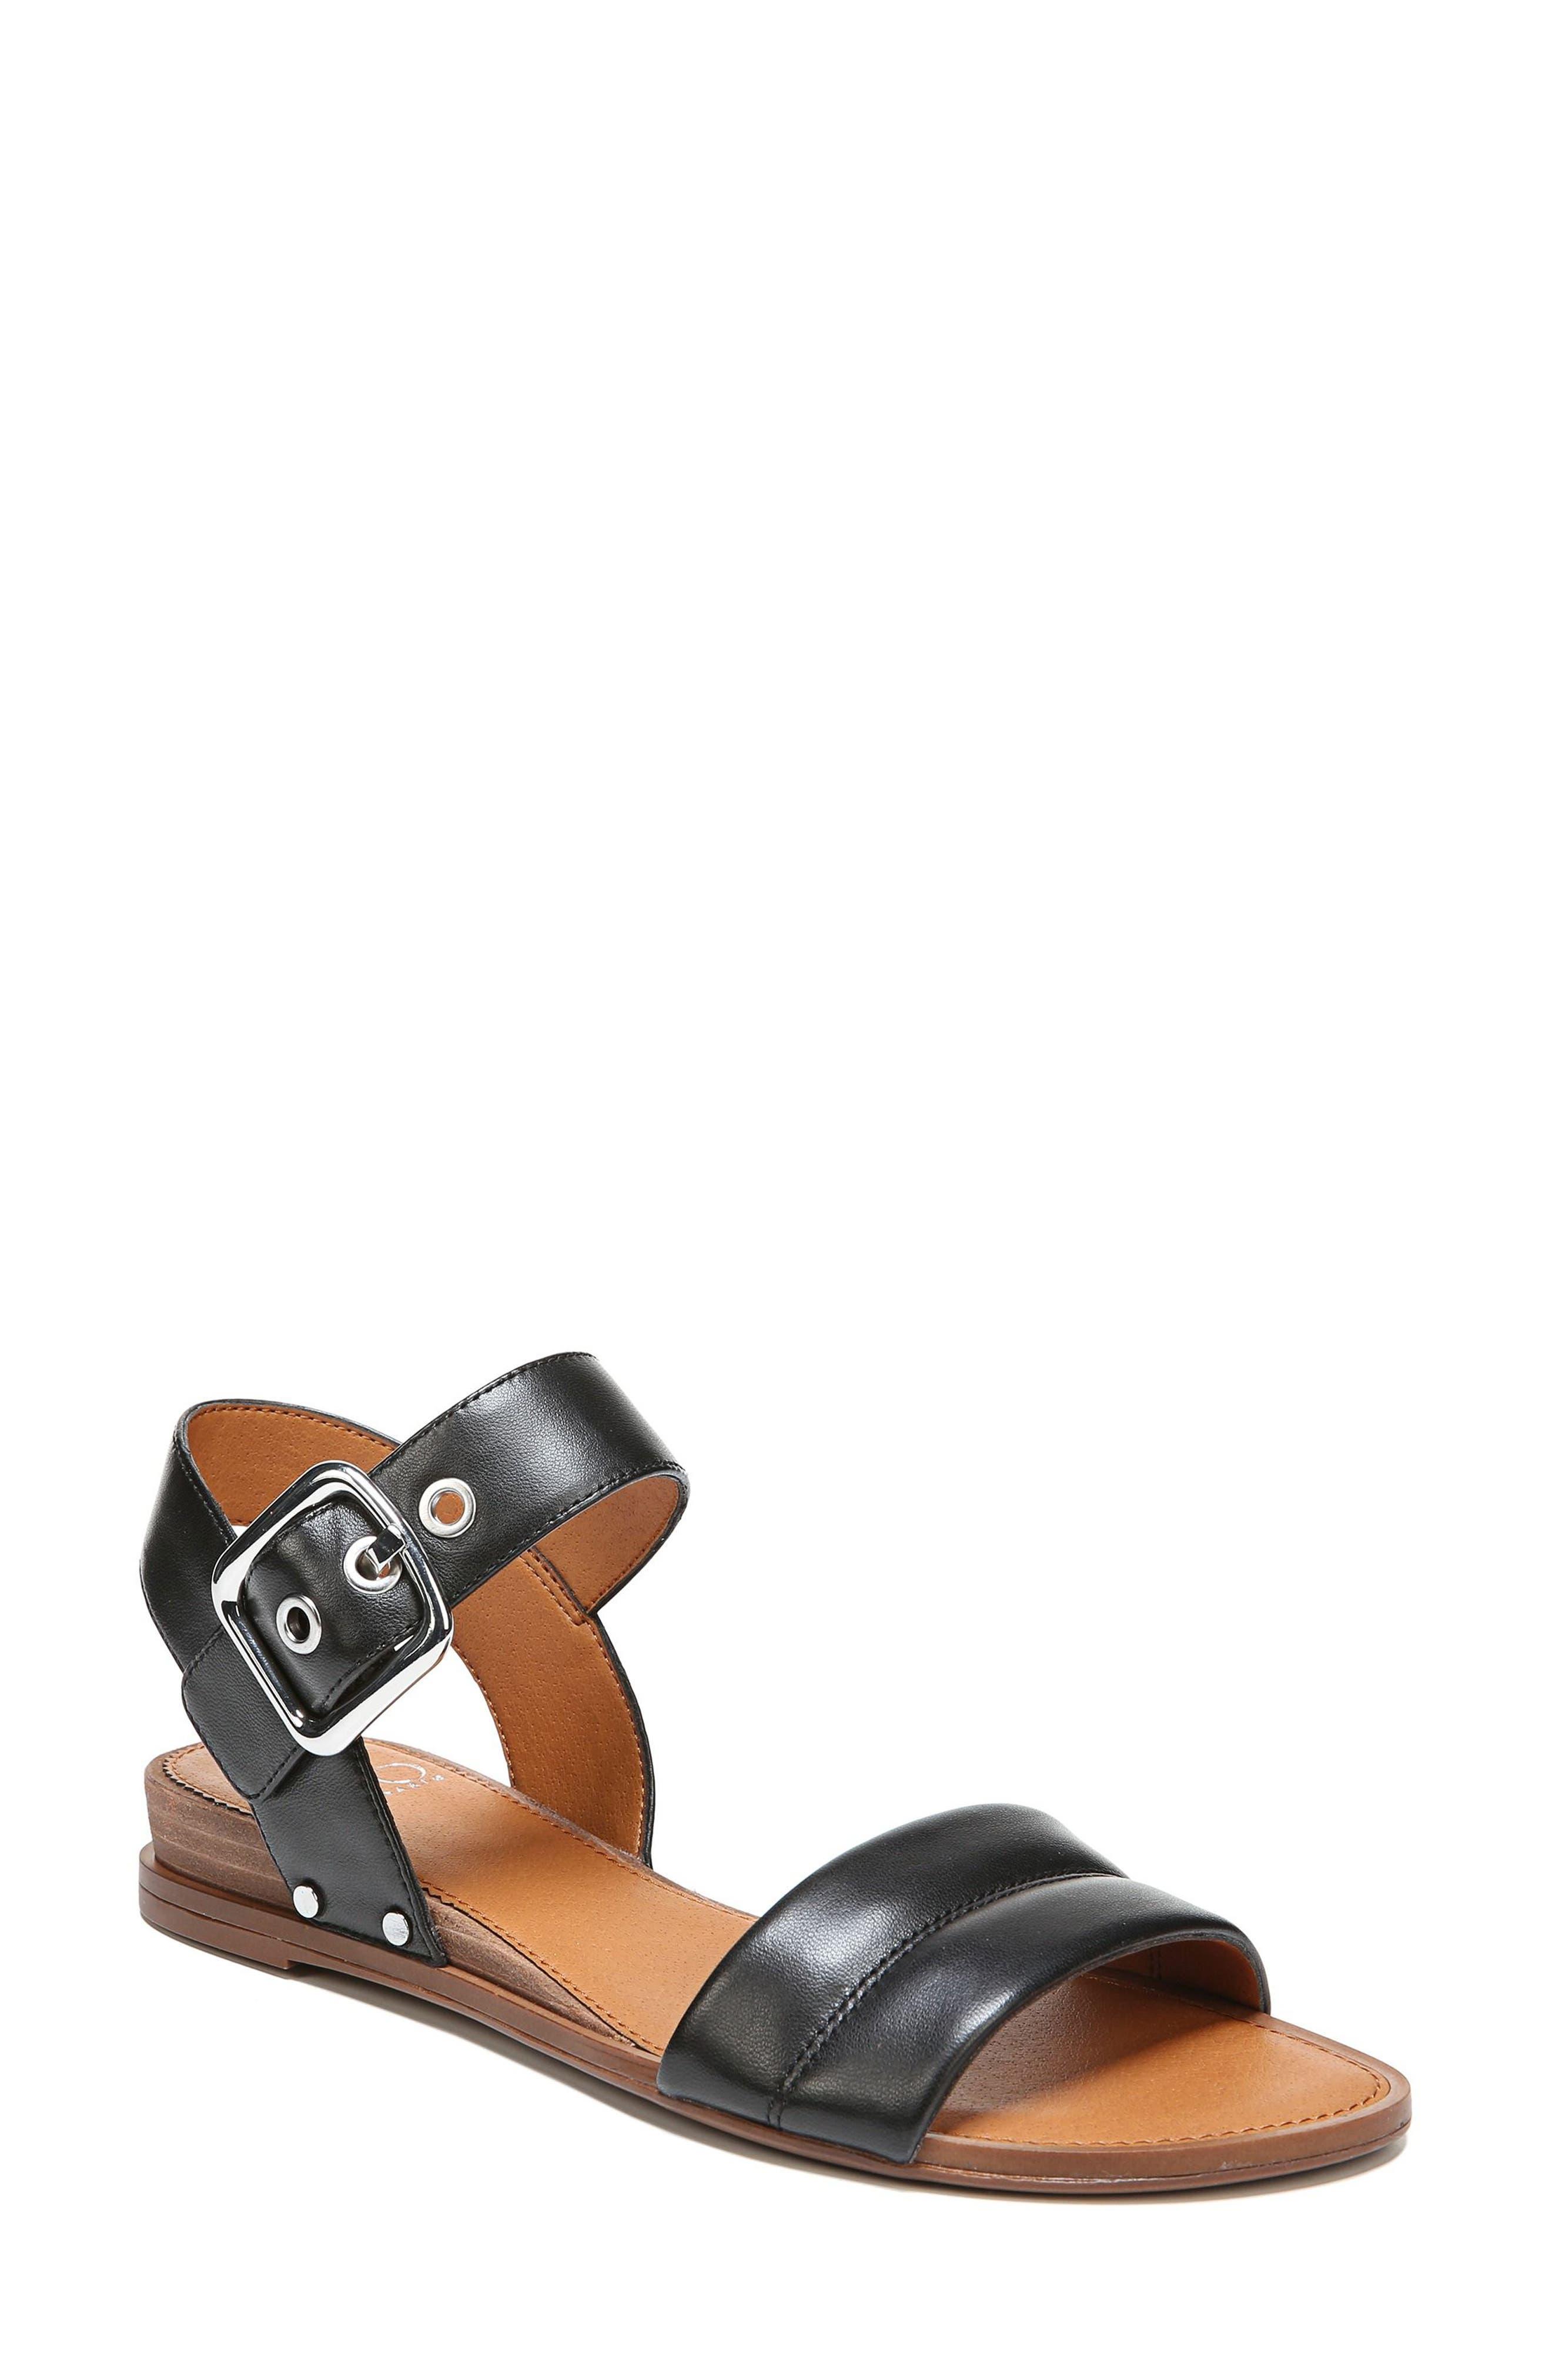 Patterson Low Wedge Sandal,                         Main,                         color,